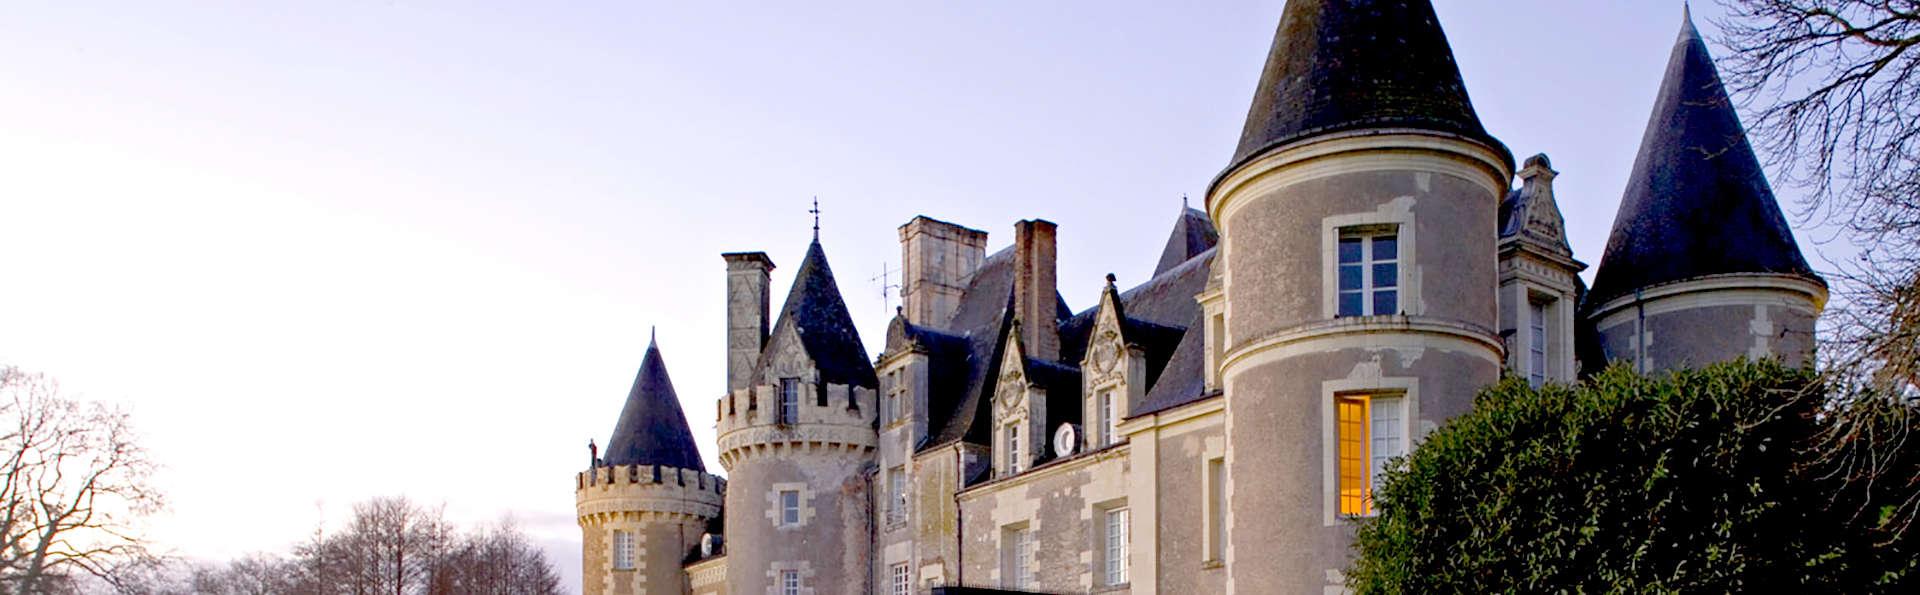 Château Golf des Sept Tours - Edit_Front5.jpg